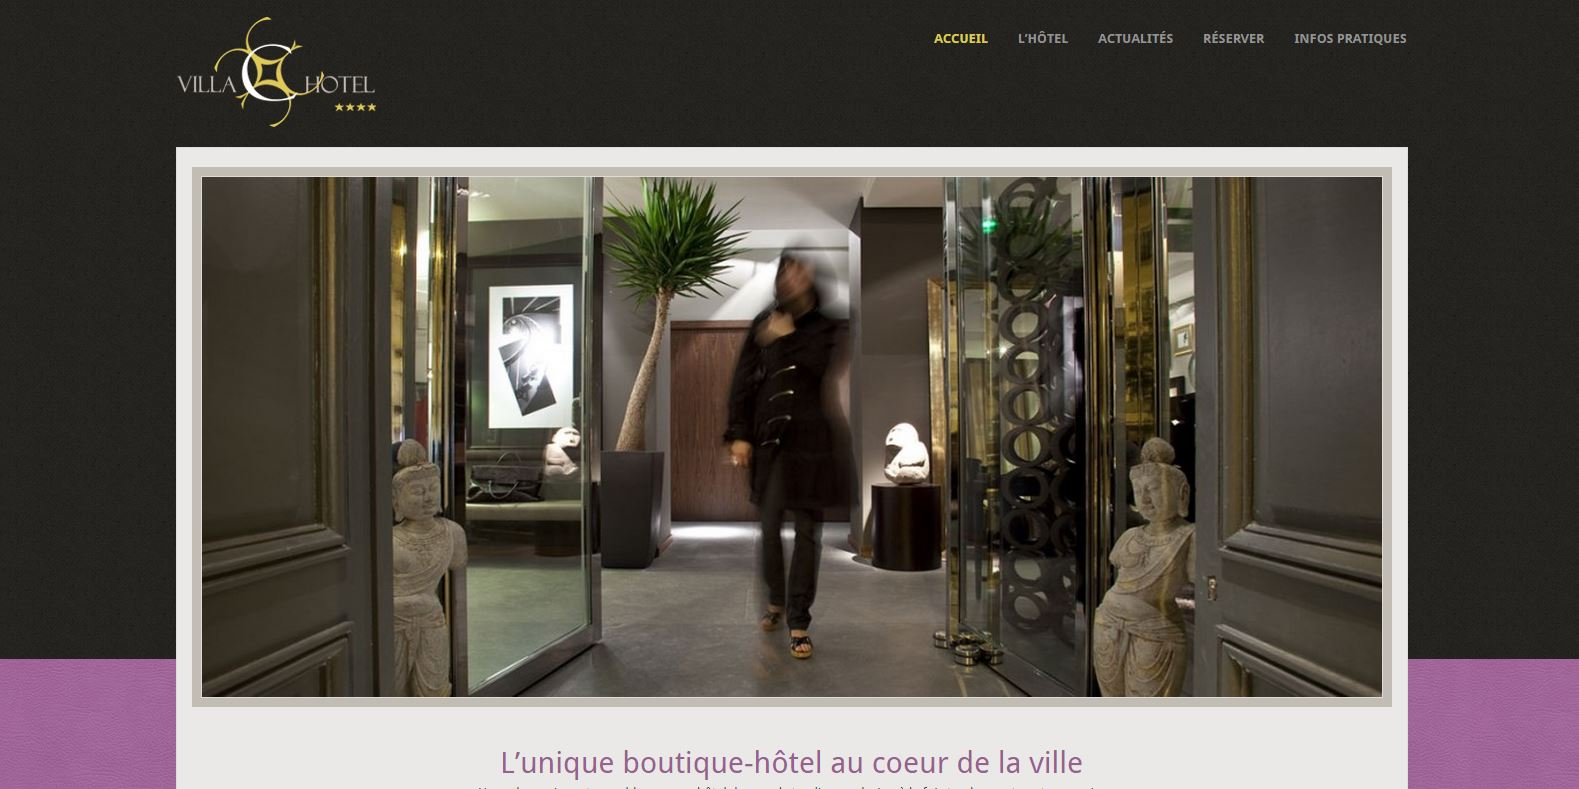 hôtel 4 étoiles - La Villa C - Bourges - www.hotelvillac.com